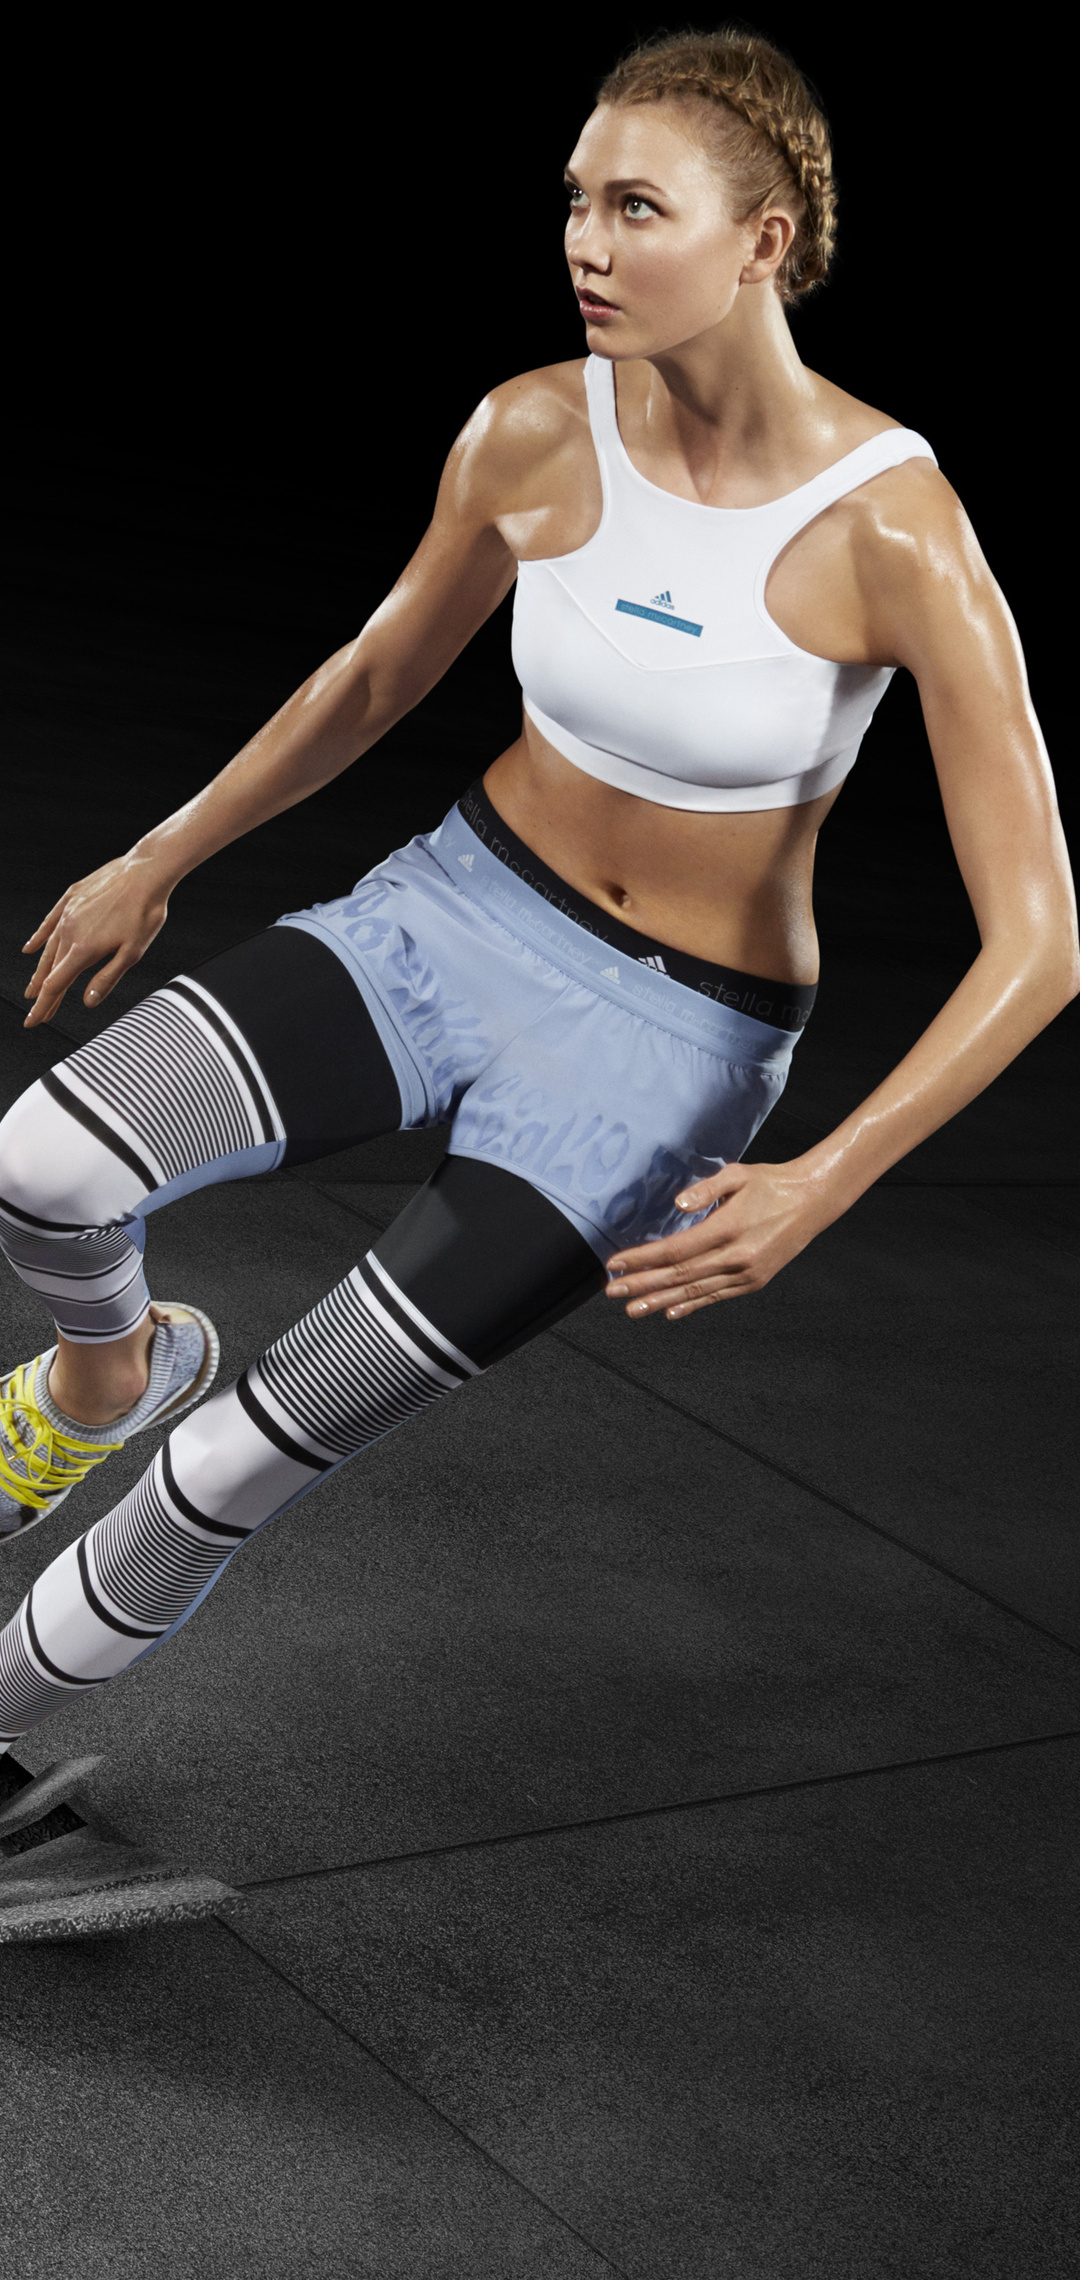 karlie-kloss-adidas-2z.jpg